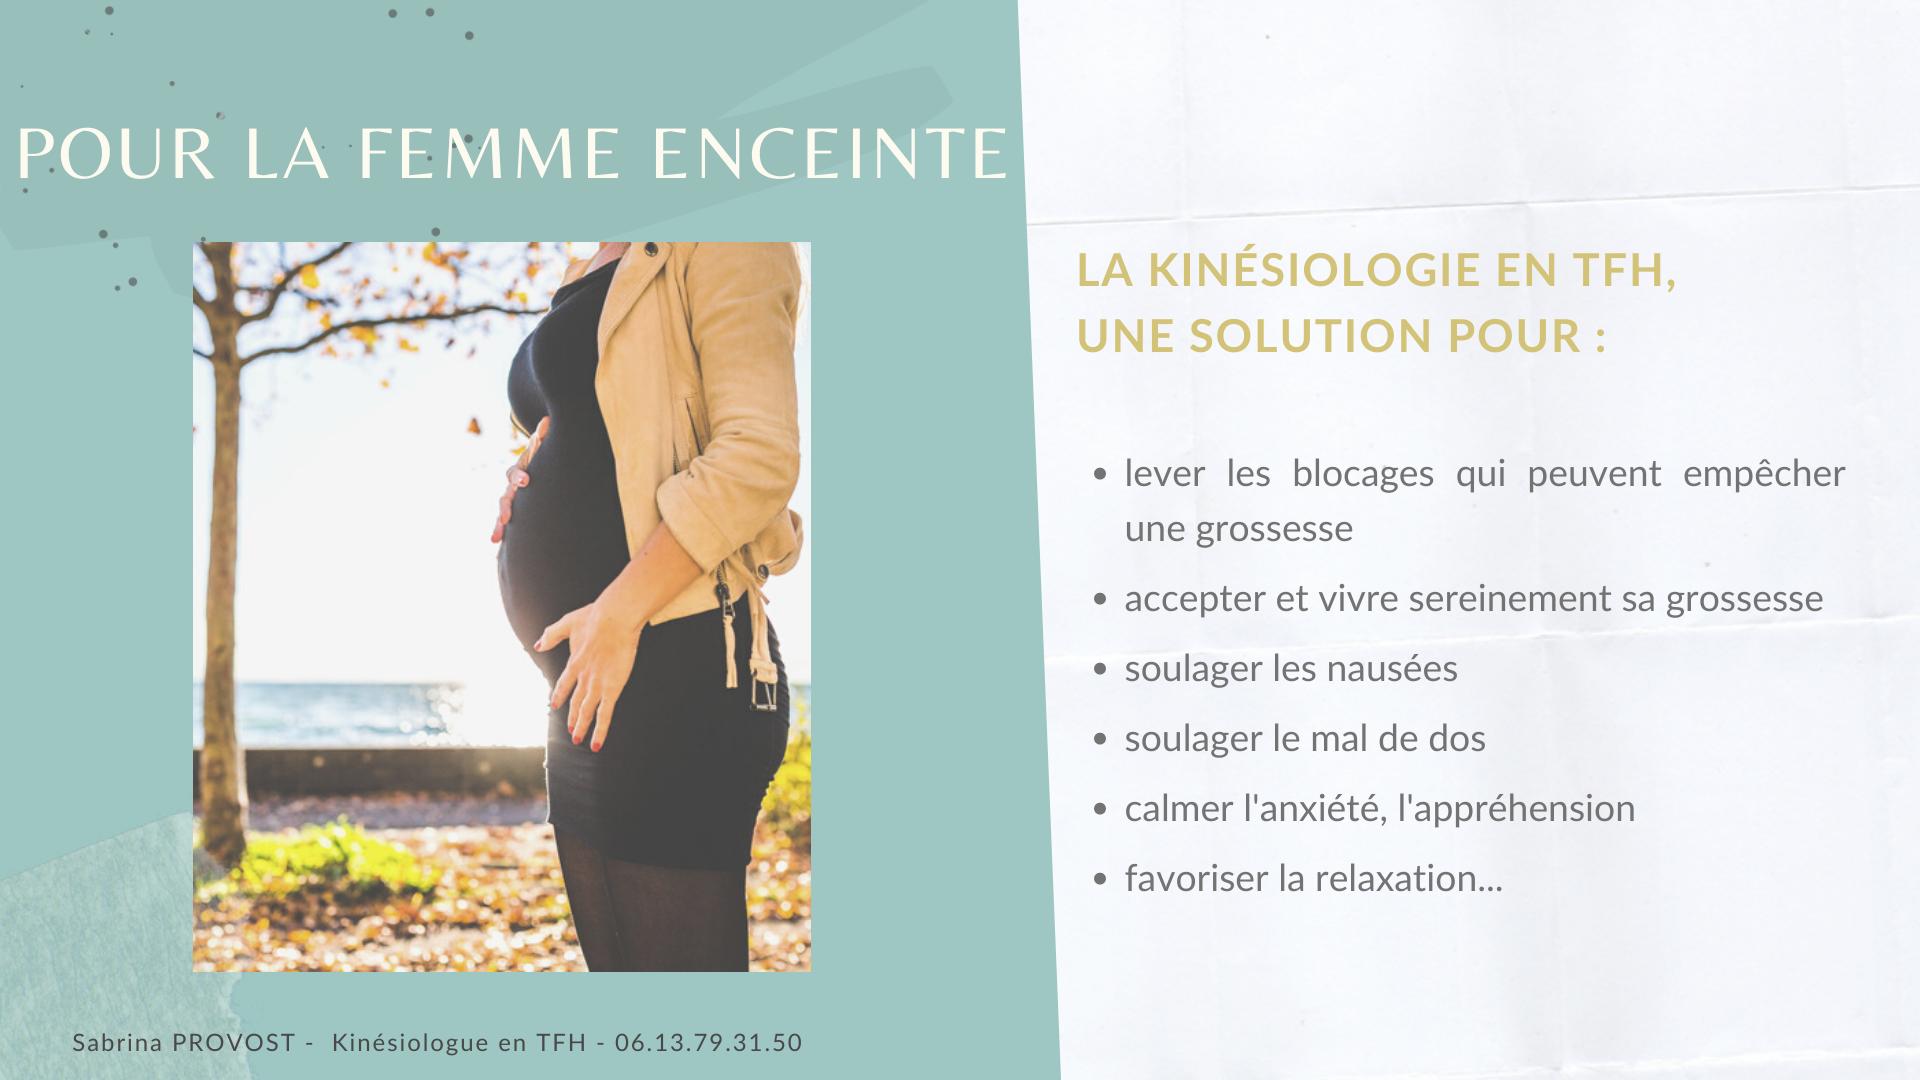 La kinésiologie en TFH, pour la femme enceinte